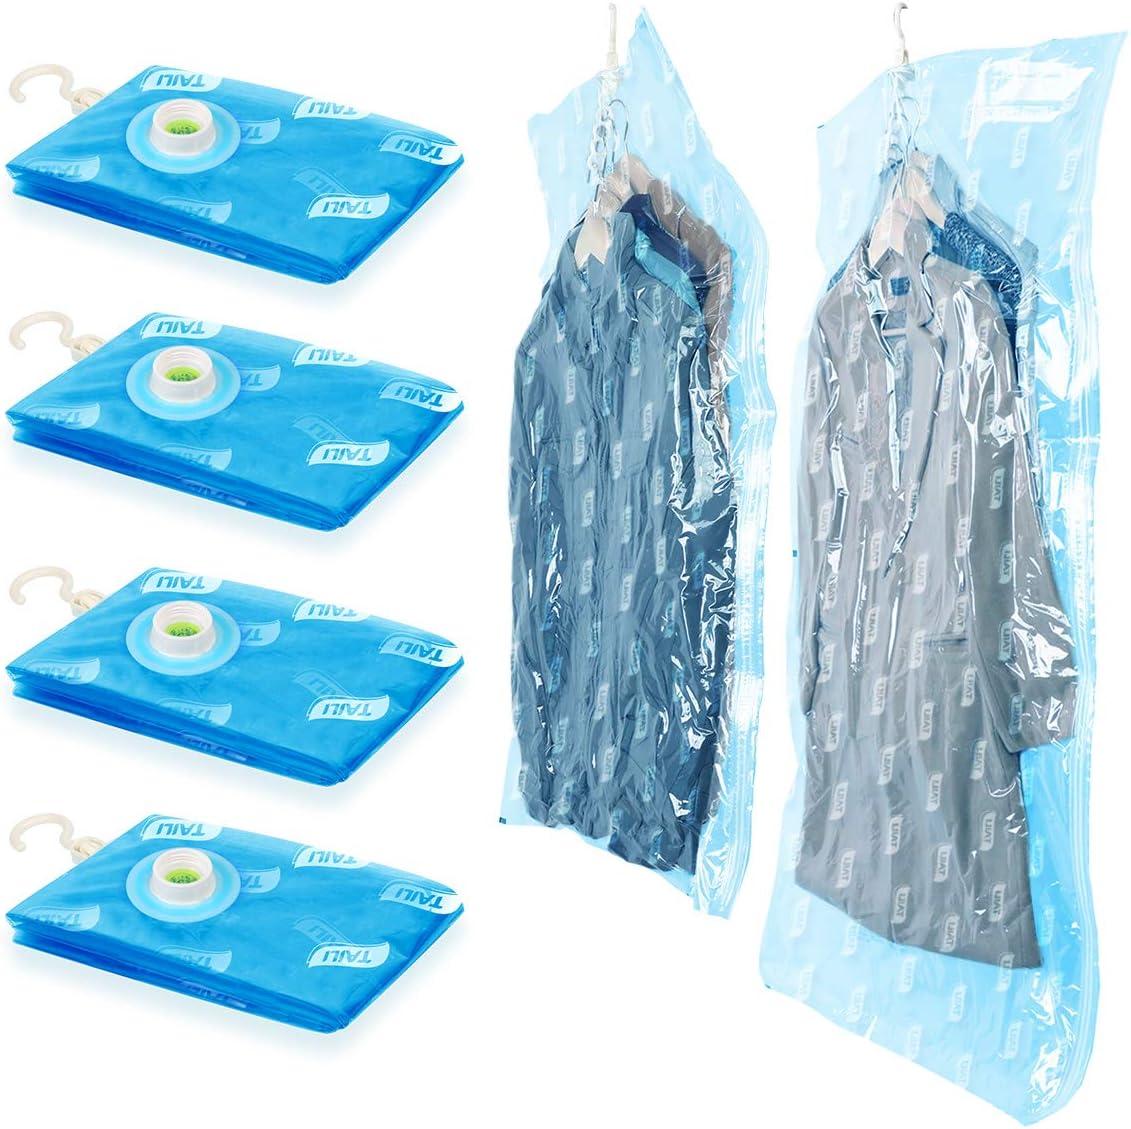 Confezione da 4 Piumini for Guardaroba Sacchi for sottovuoto for Cappotto Borse per la Selezione di Grandi Capi di Abbigliamento 135*70cm(2 Pezzi)+105*70cm(2 Pezzi ) Sacchetti di Compressione